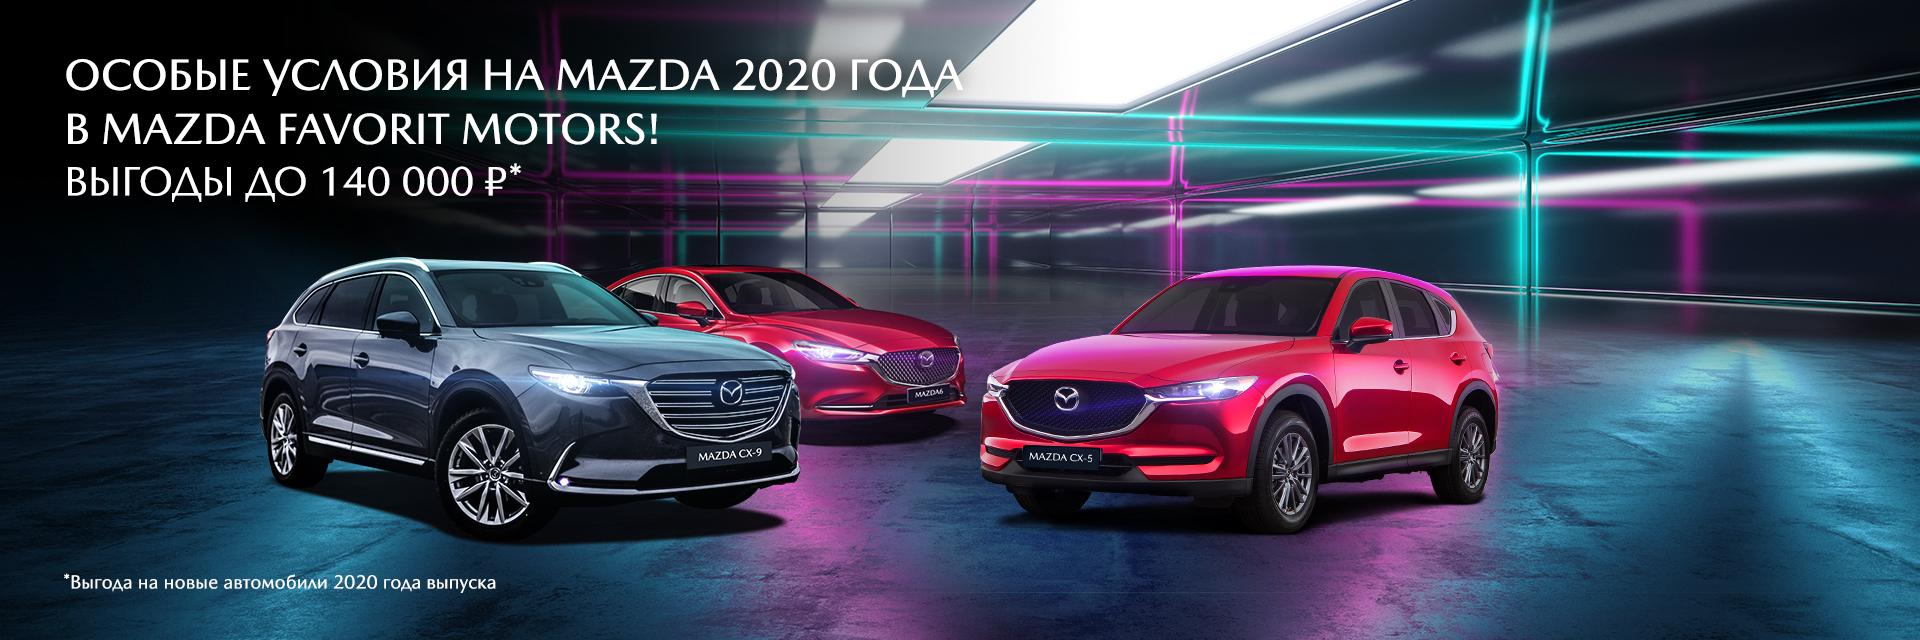 ОСОБЫЕ УСЛОВИЯ НА MAZDA 2020 года в MAZDA FAVORIT MOTORS!